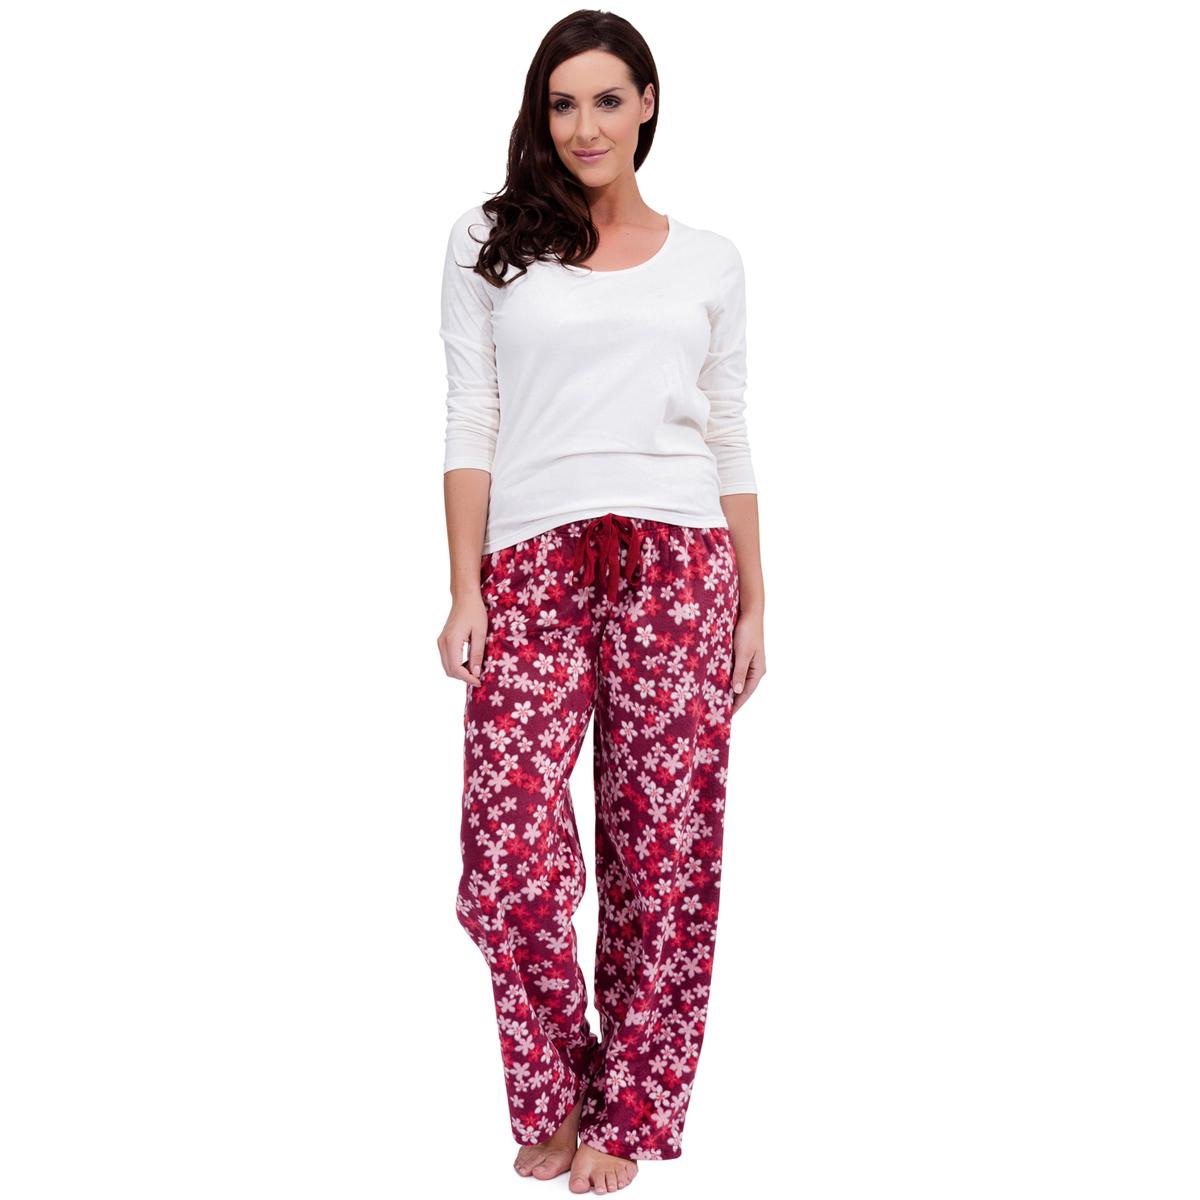 b01c9fb7c2 Womens Warm Fleece Winter PJ Pyjama Set Night Wear PJ s Pyjamas Sets Ladies